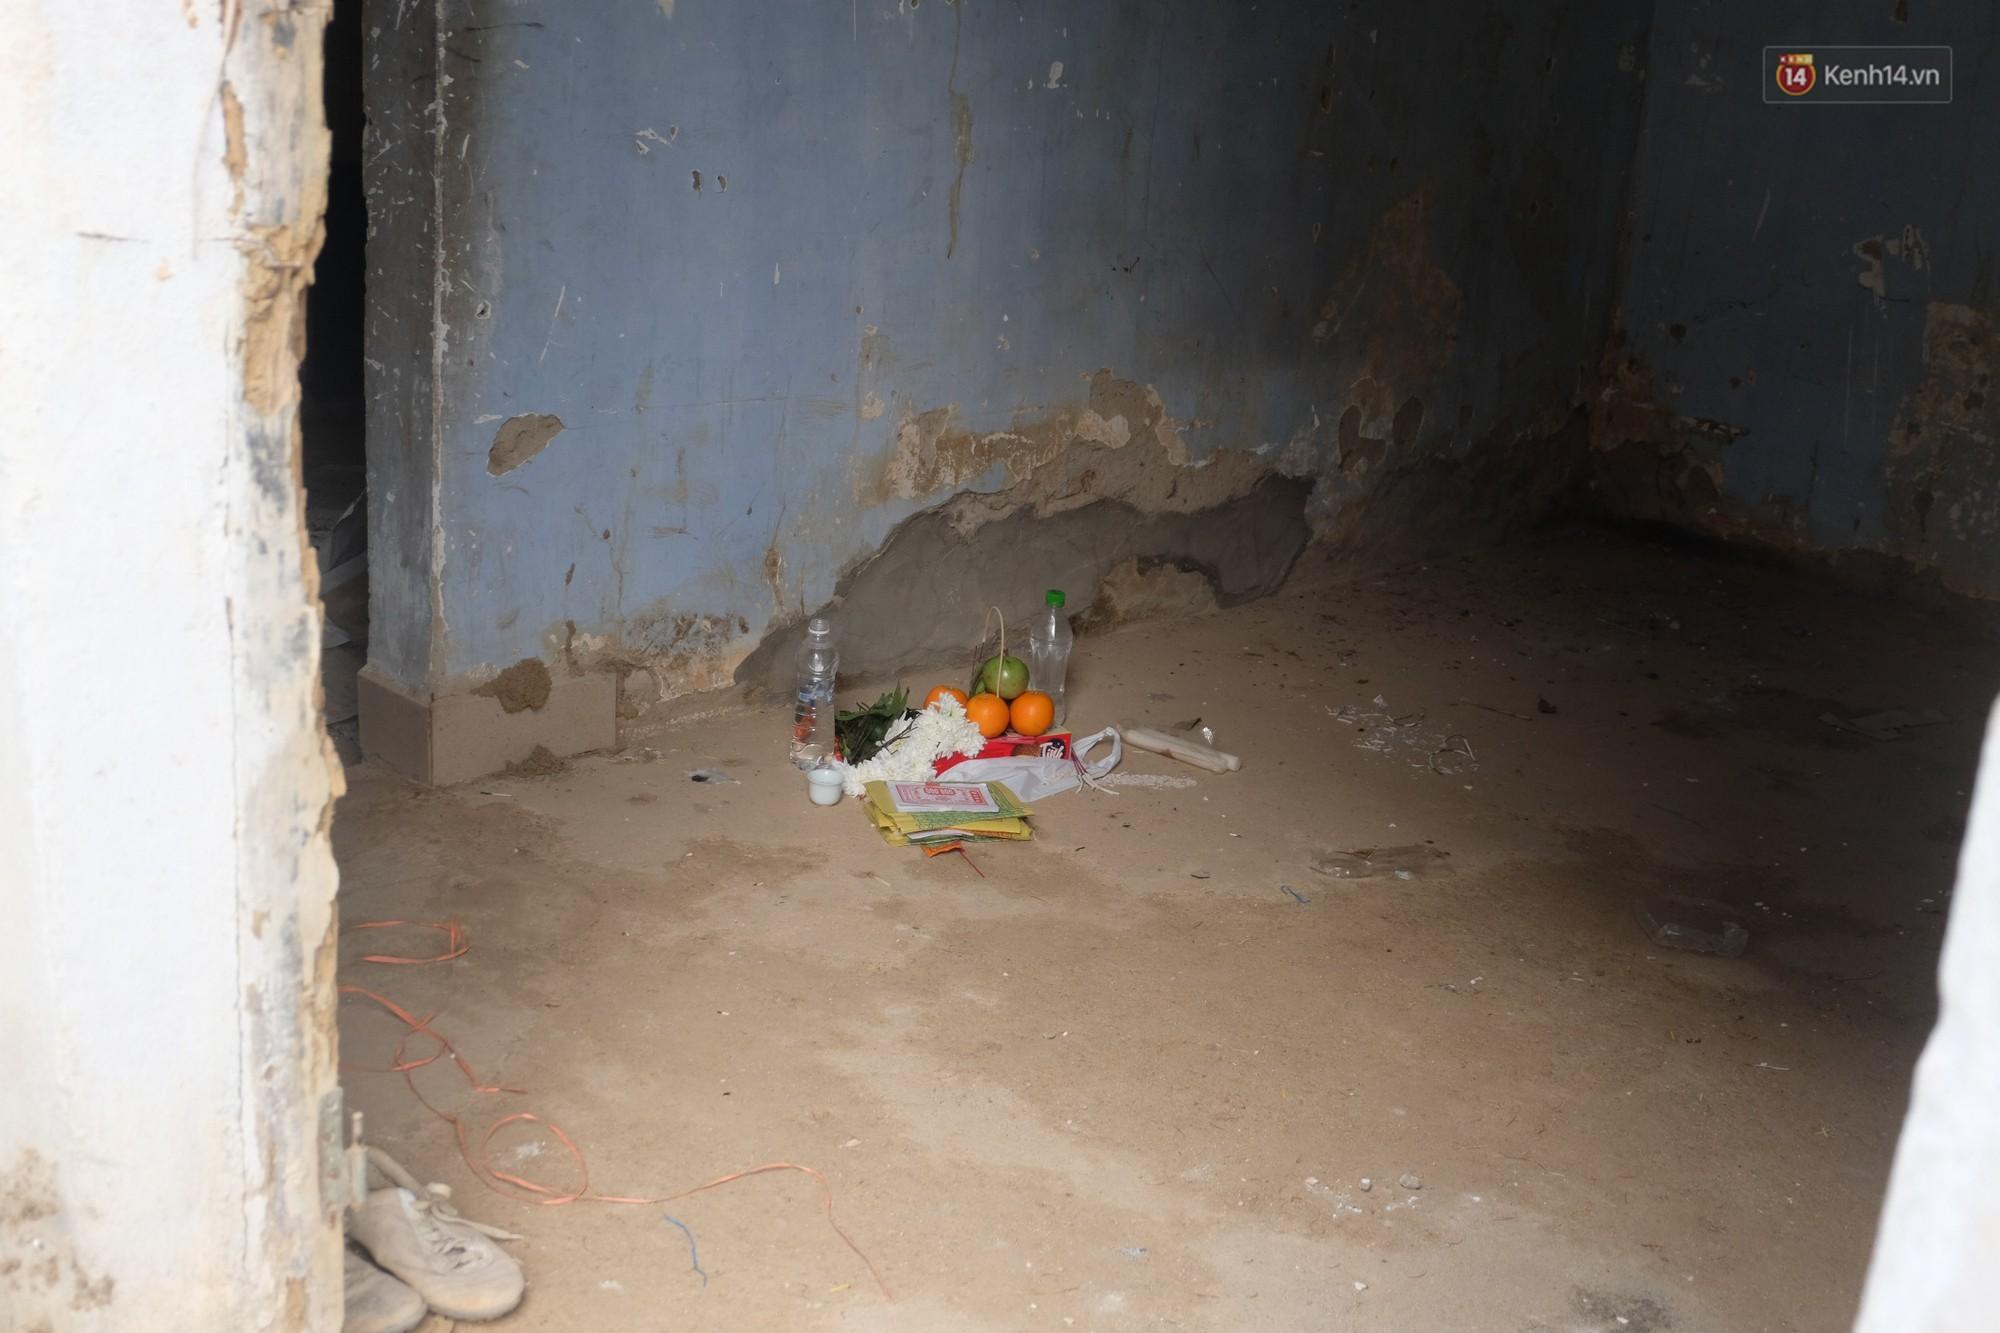 Người dân gần nơi được cho là hiện trường đầu tiên vụ nữ sinh giao gà mất tích: Sau vụ án, có 2 thanh niên hôi hám chạy vào dọa nạt đòi xem camera-2